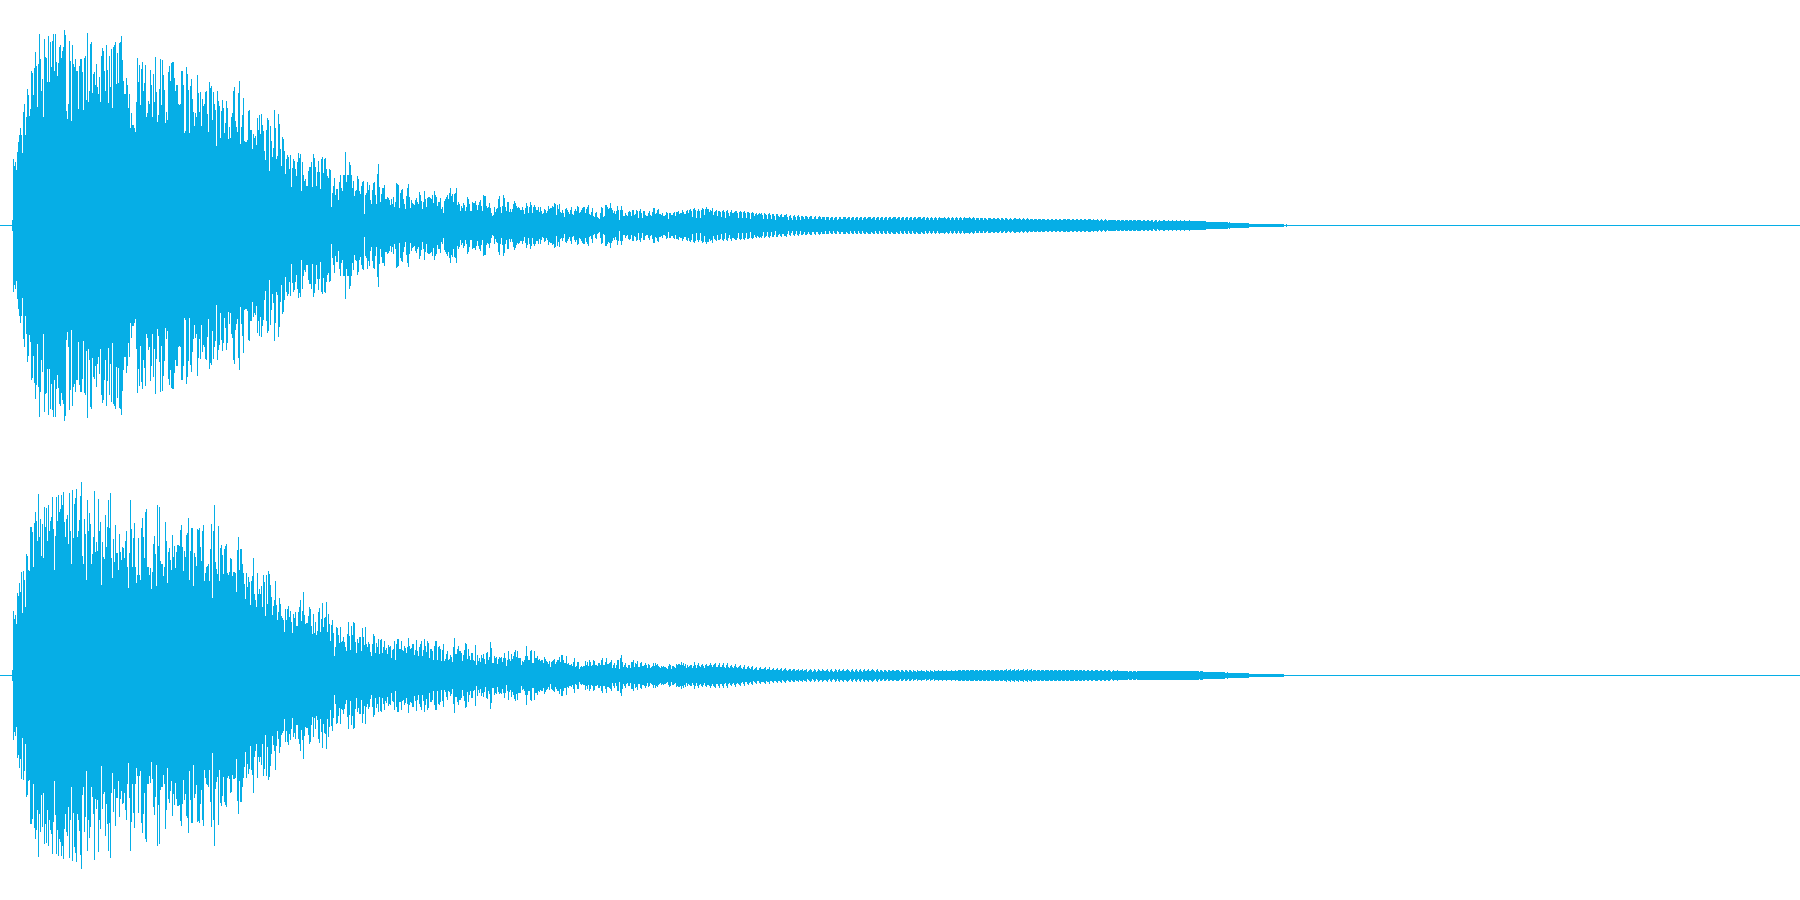 フワフワフワワン~の再生済みの波形